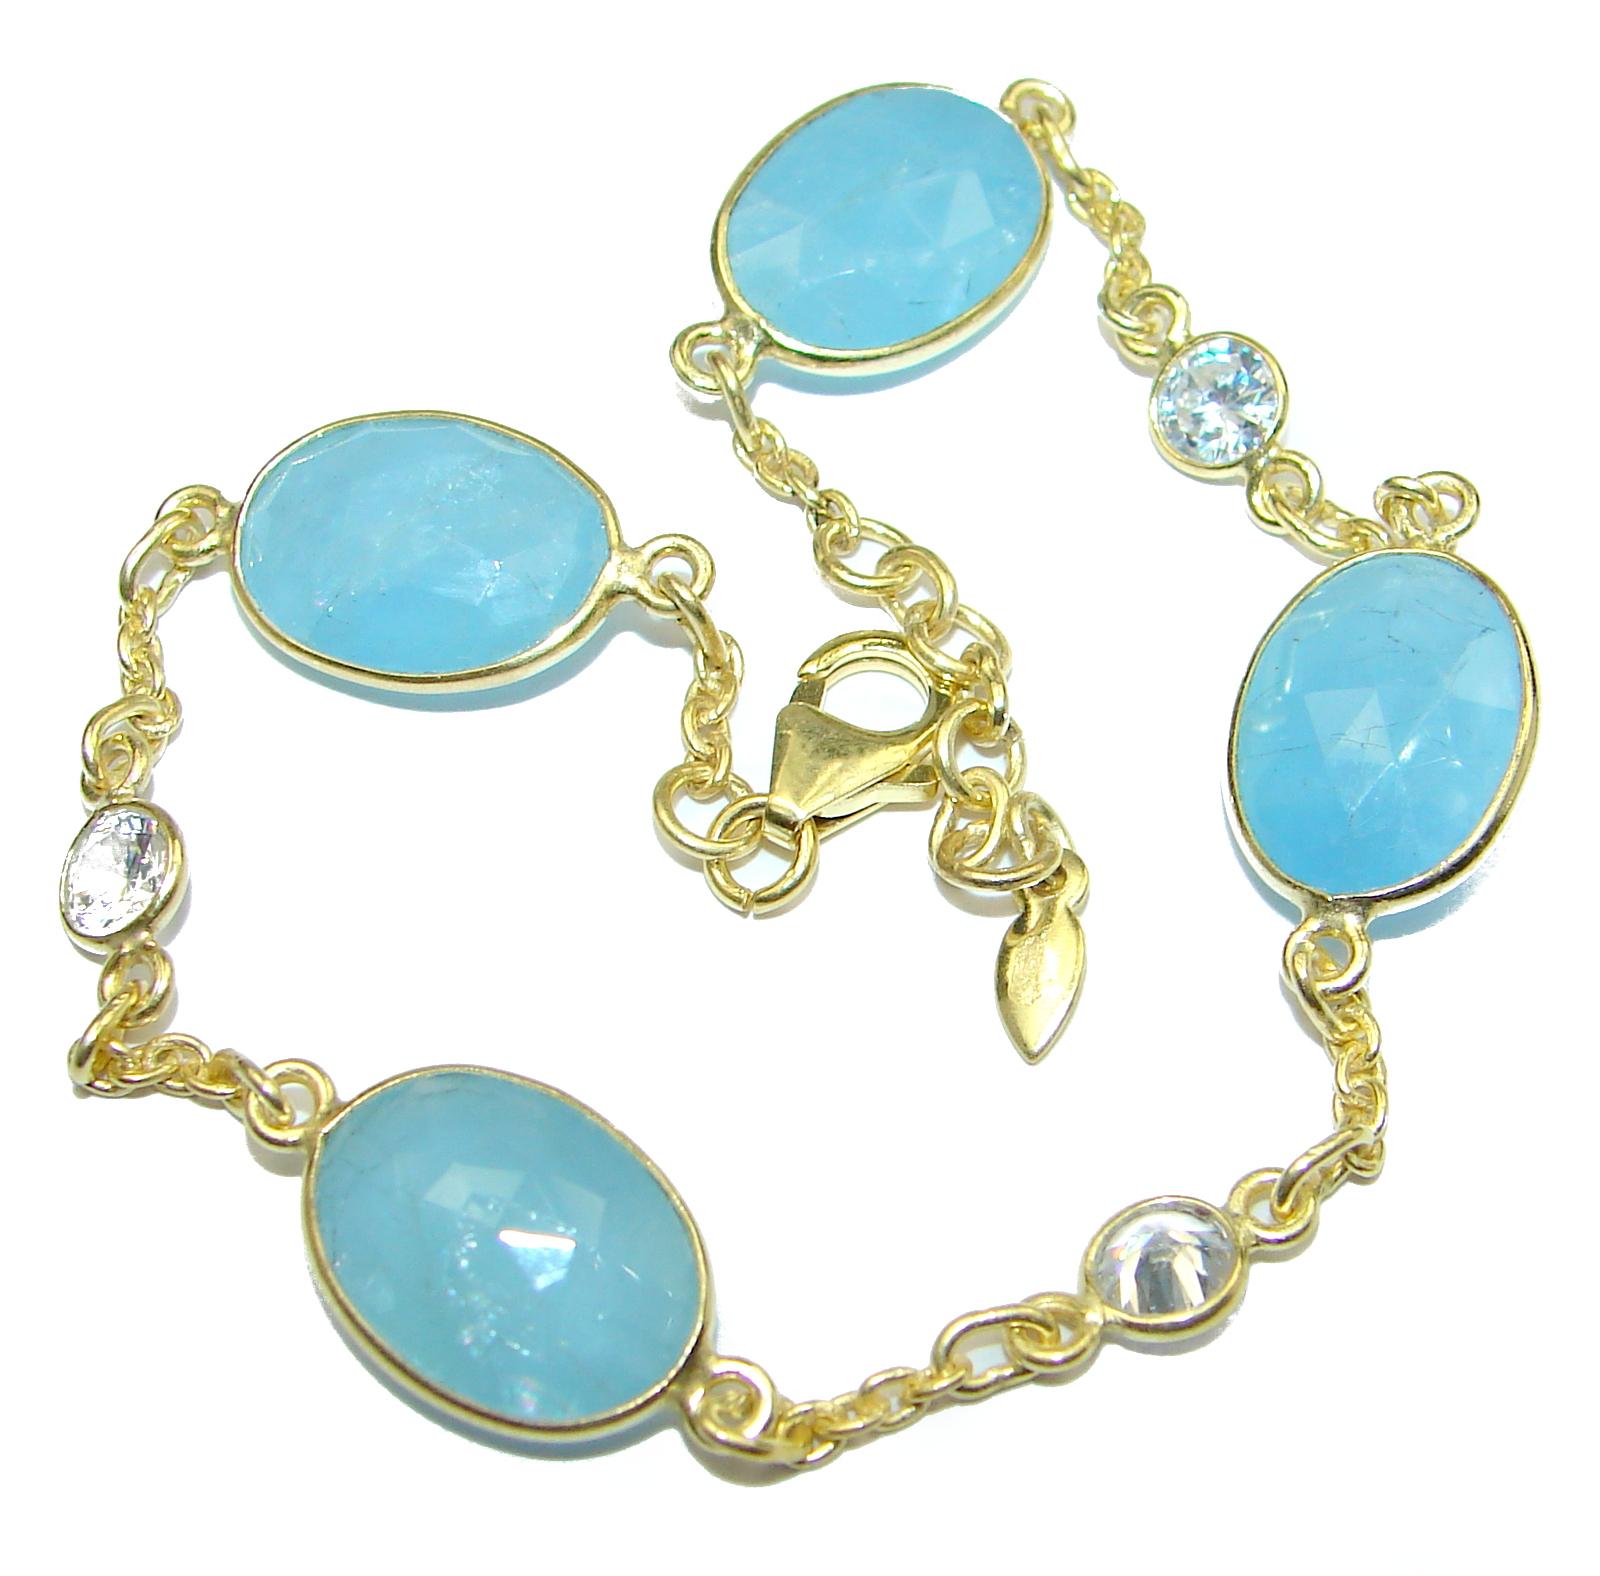 Genuine Aquamarine Gold over .925 Sterling Silver handcrafted Bracelet